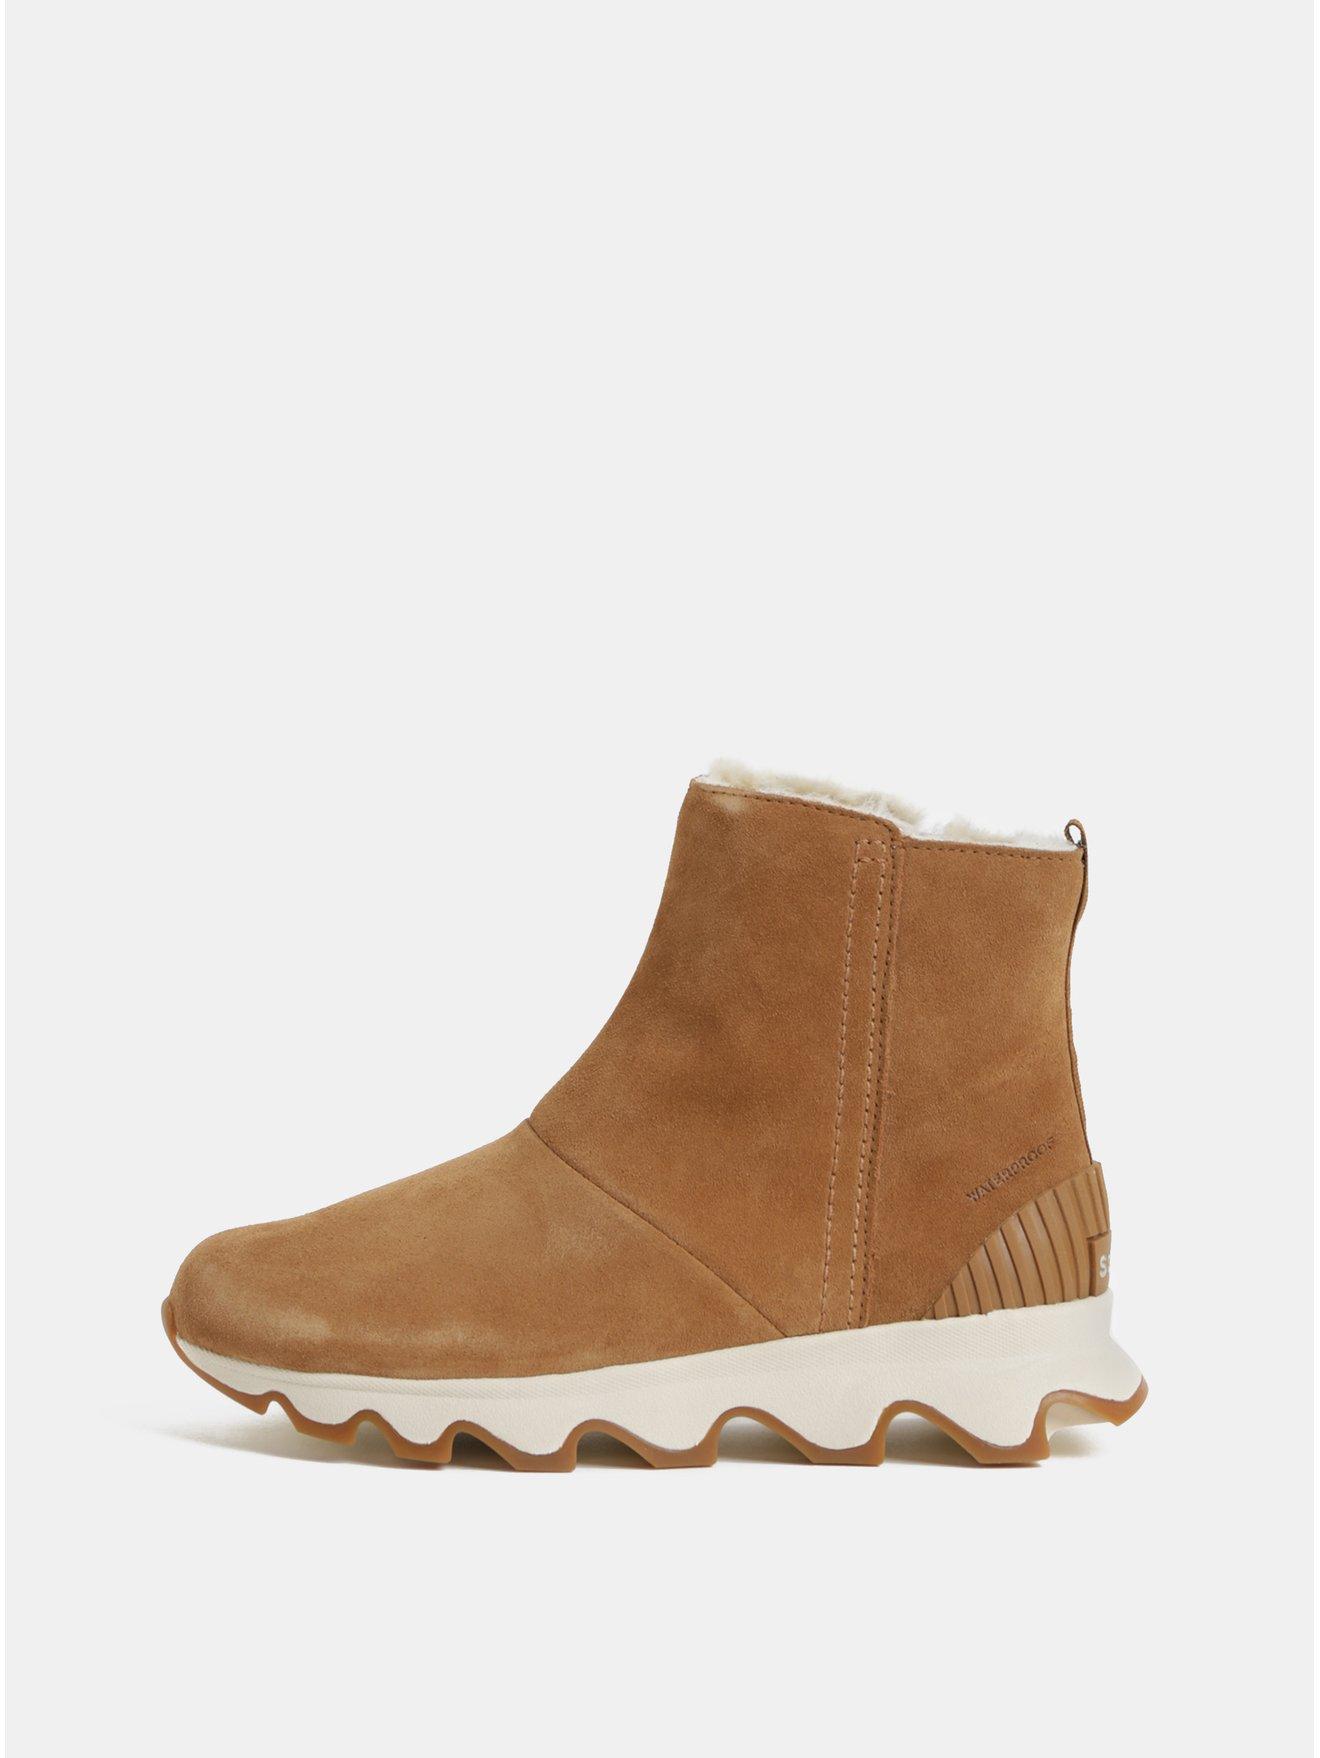 0a57a8d2e7d Hnědé dámské zimní kotníkové voděodolné boty v semišové úpravě SOREL Kinetic